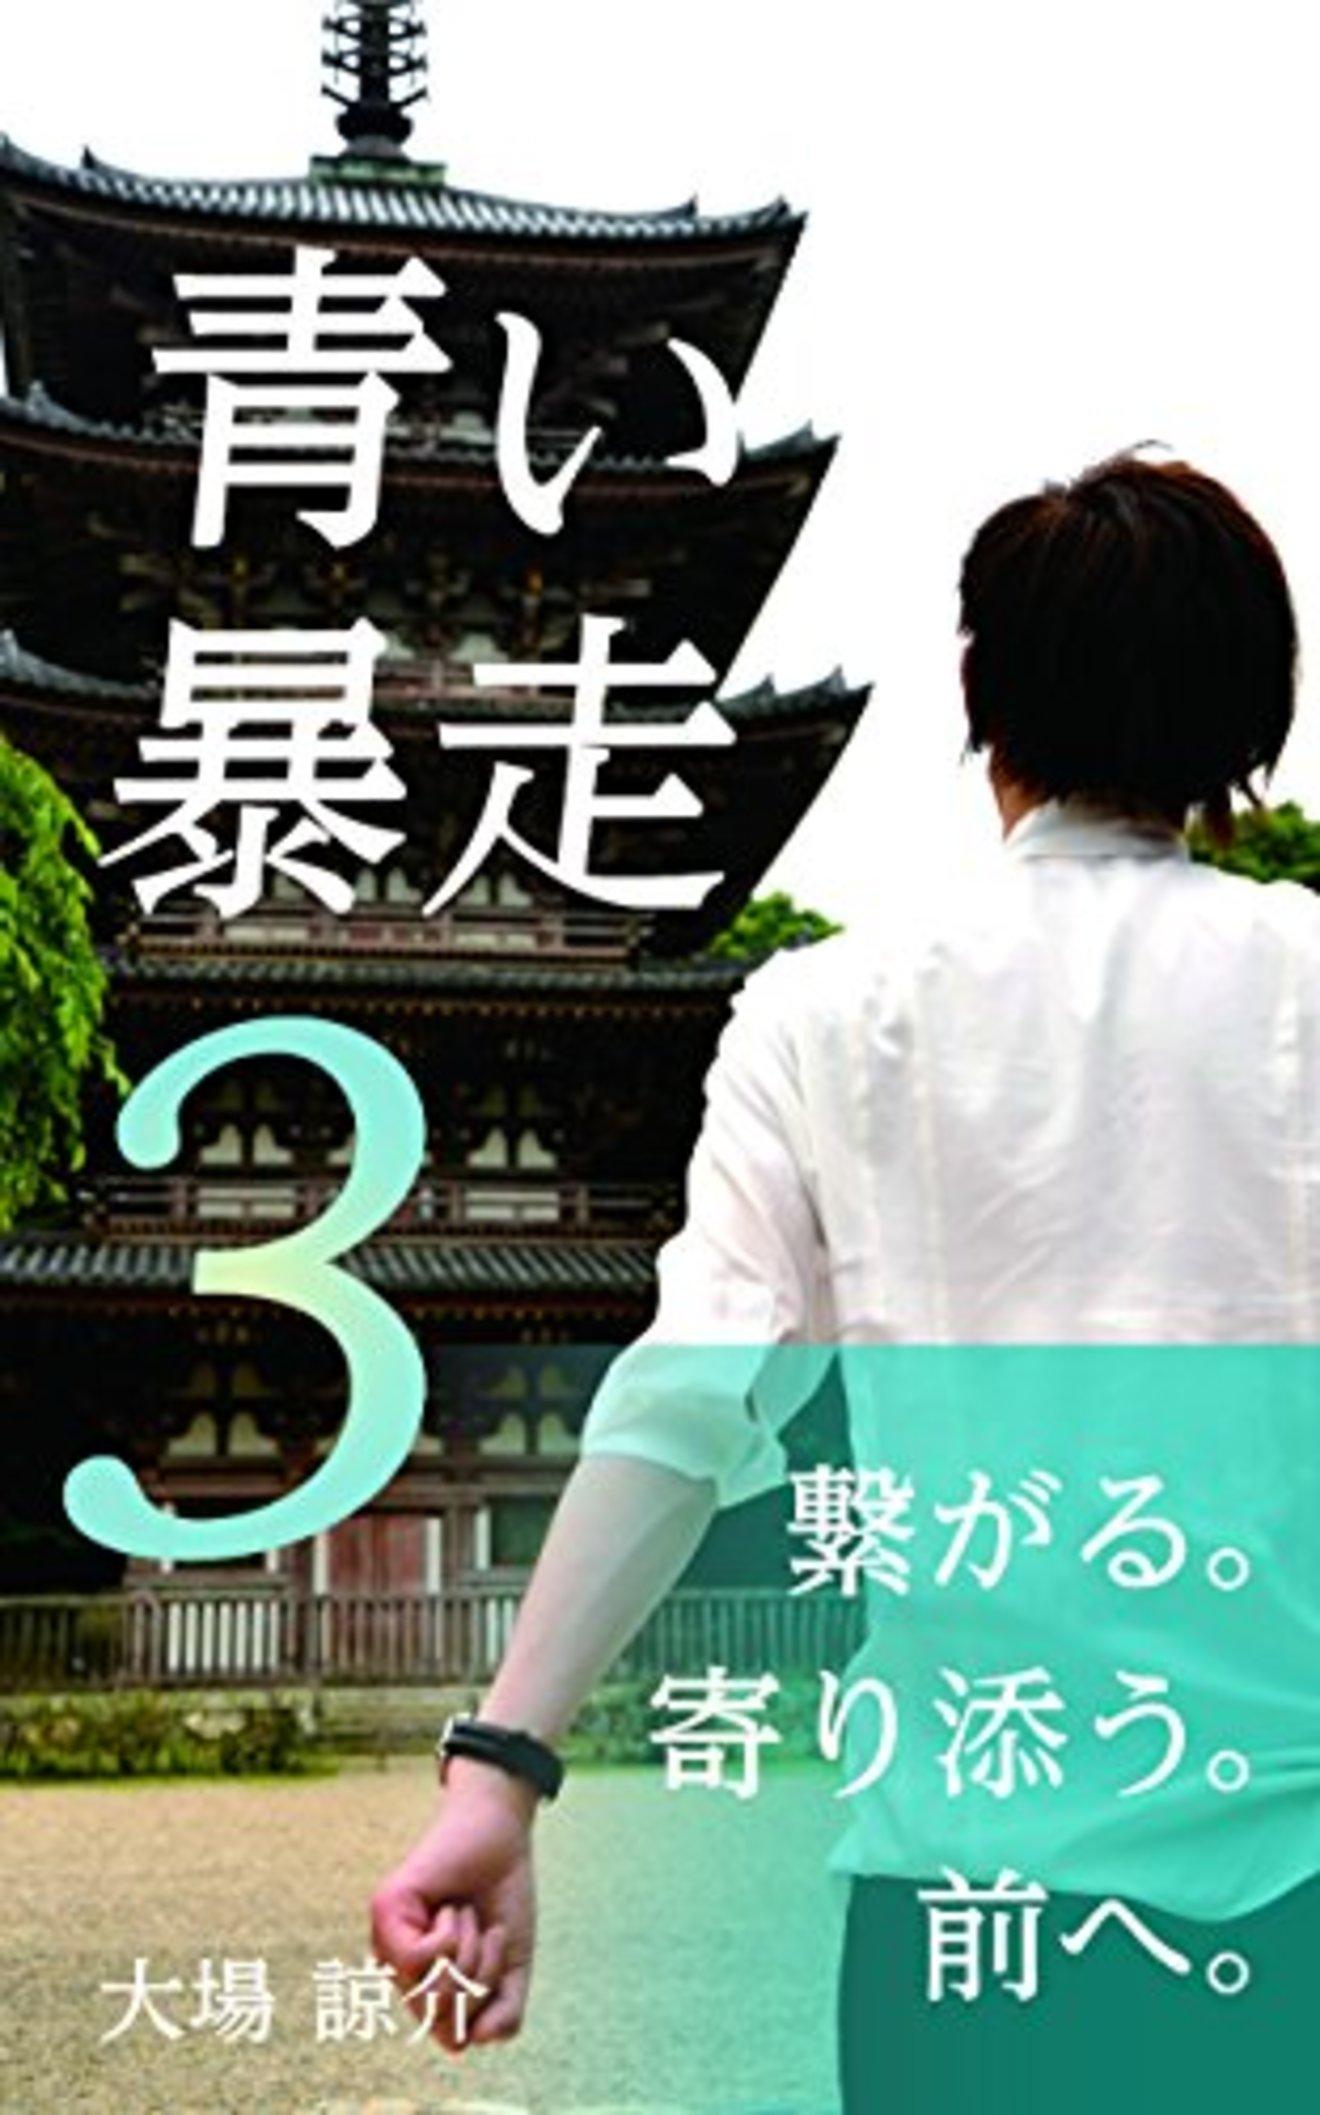 【連載小説】「ロマンティックが終わる時」第25話【毎朝6時更新】